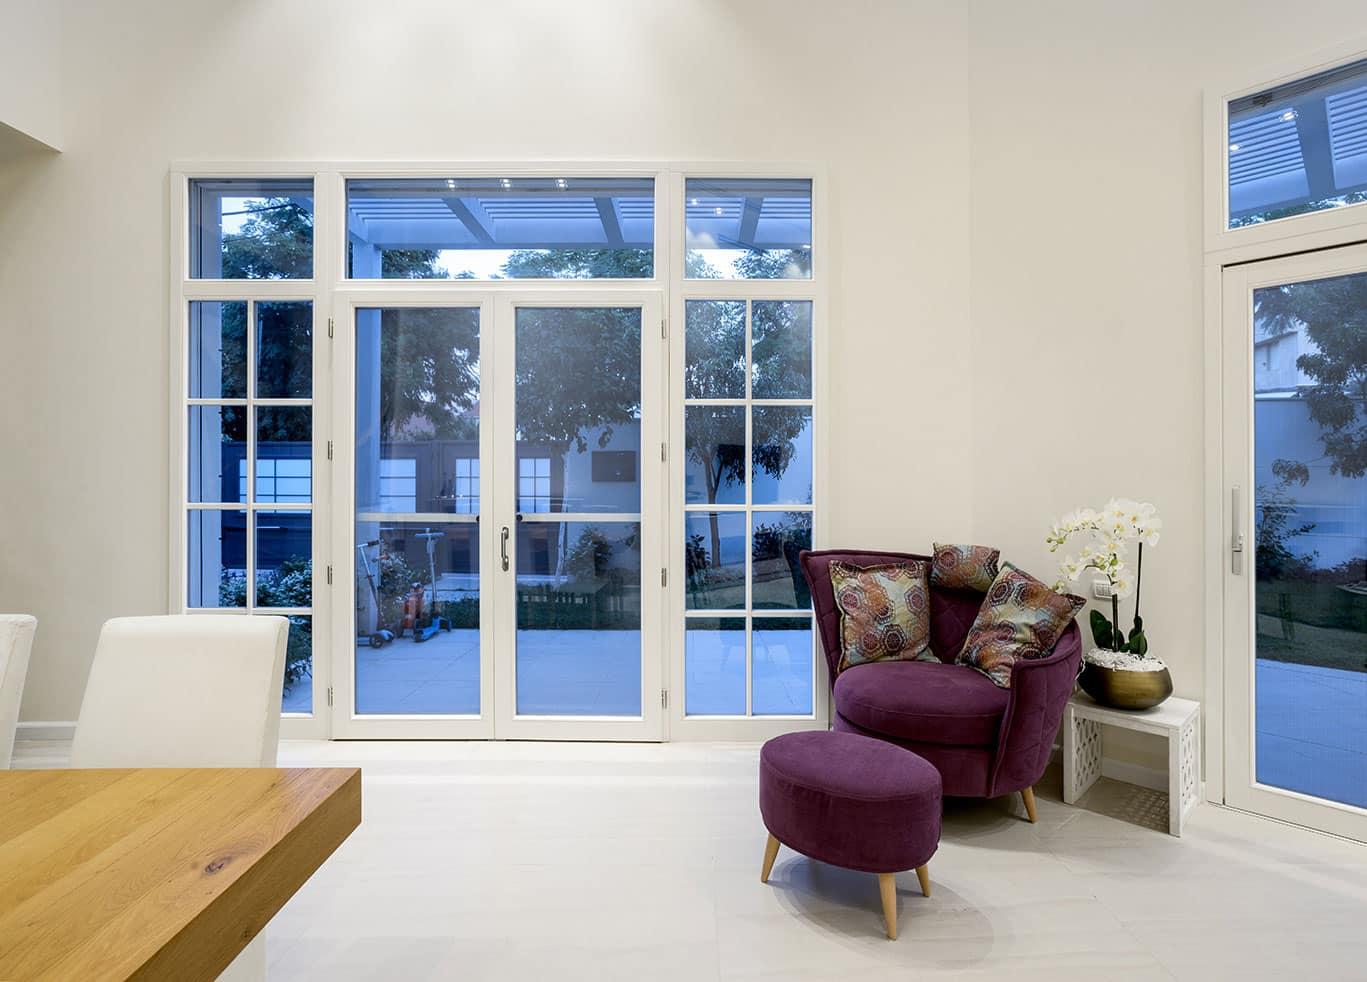 פרויקט בית בשרון - קונטור חלונות ודלתות מעוצבים